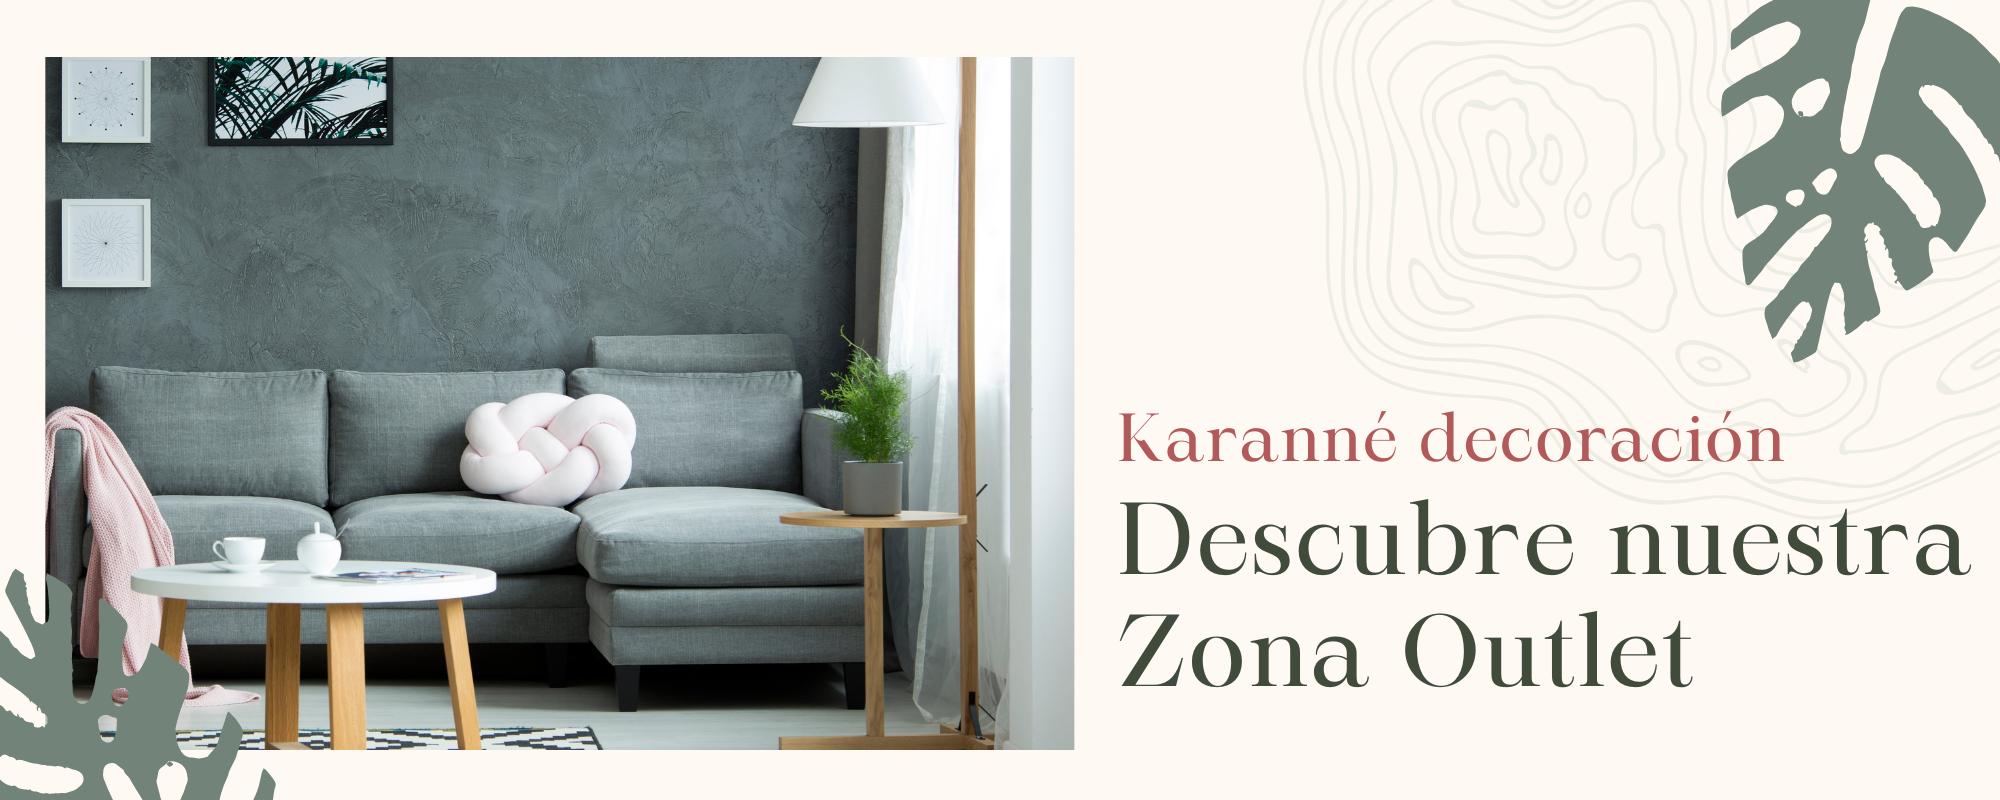 muebles outlet en karanne decoracion